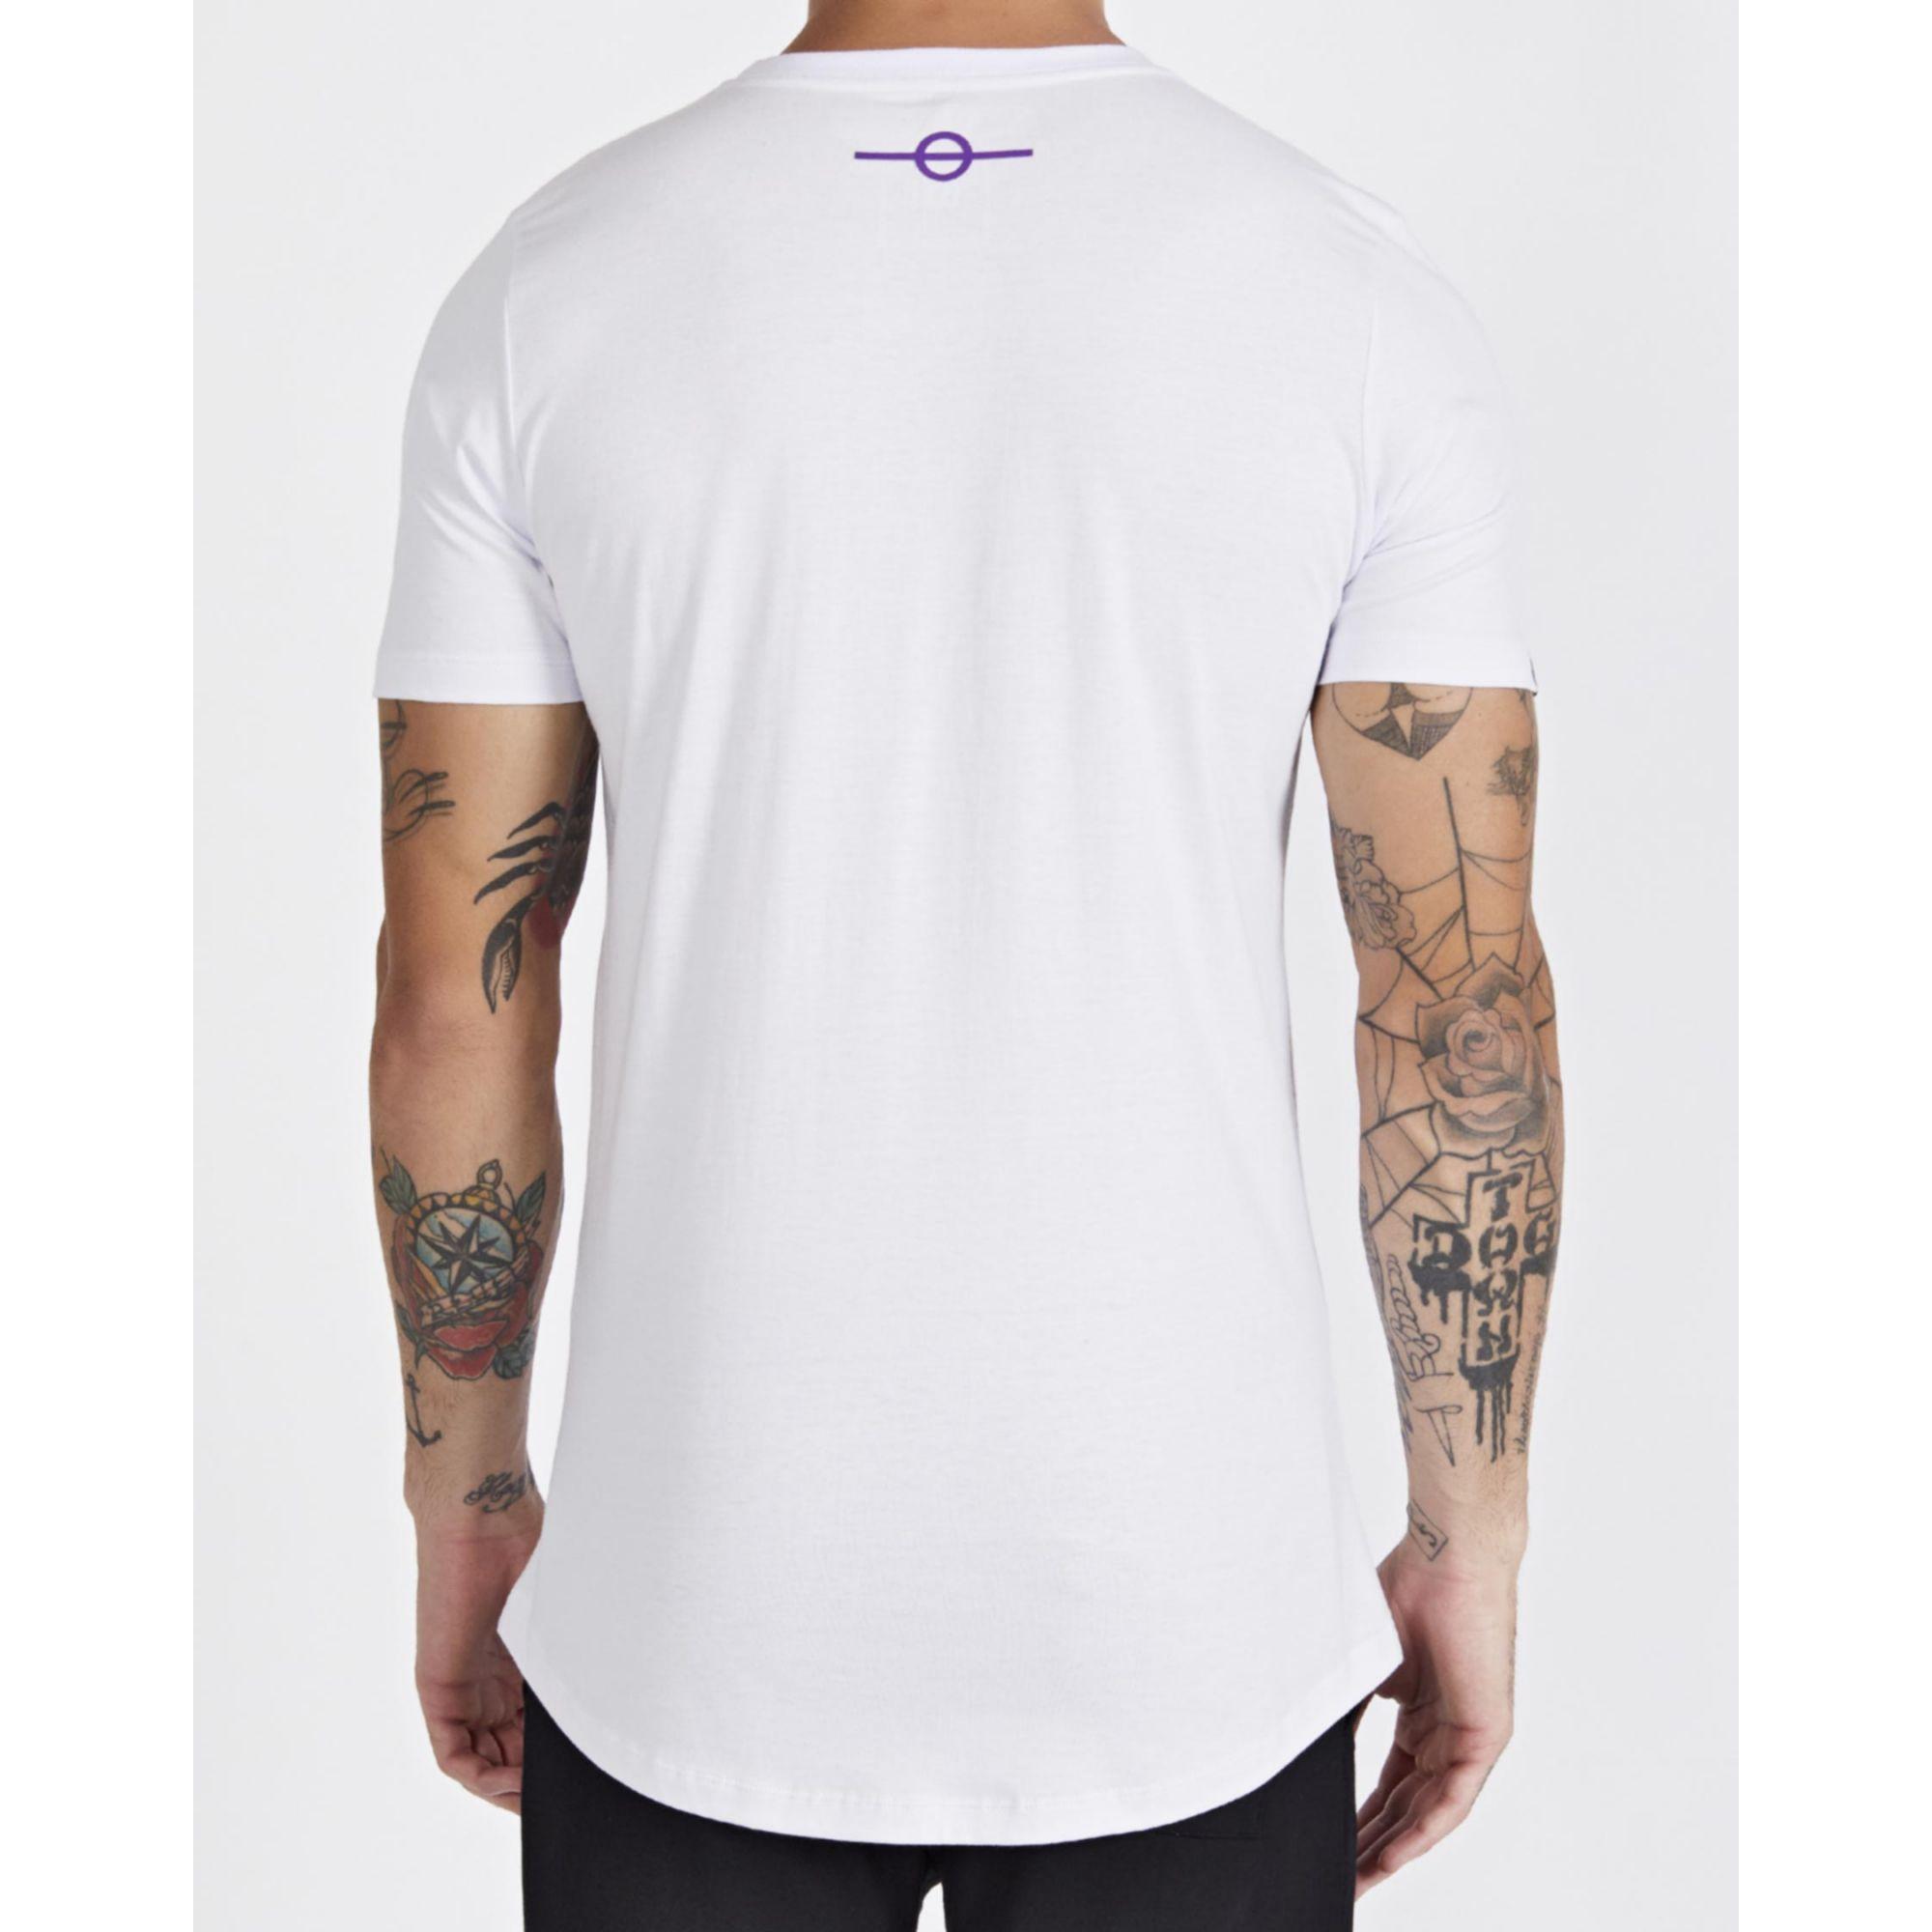 Camiseta Buh Square Believe White & Purple